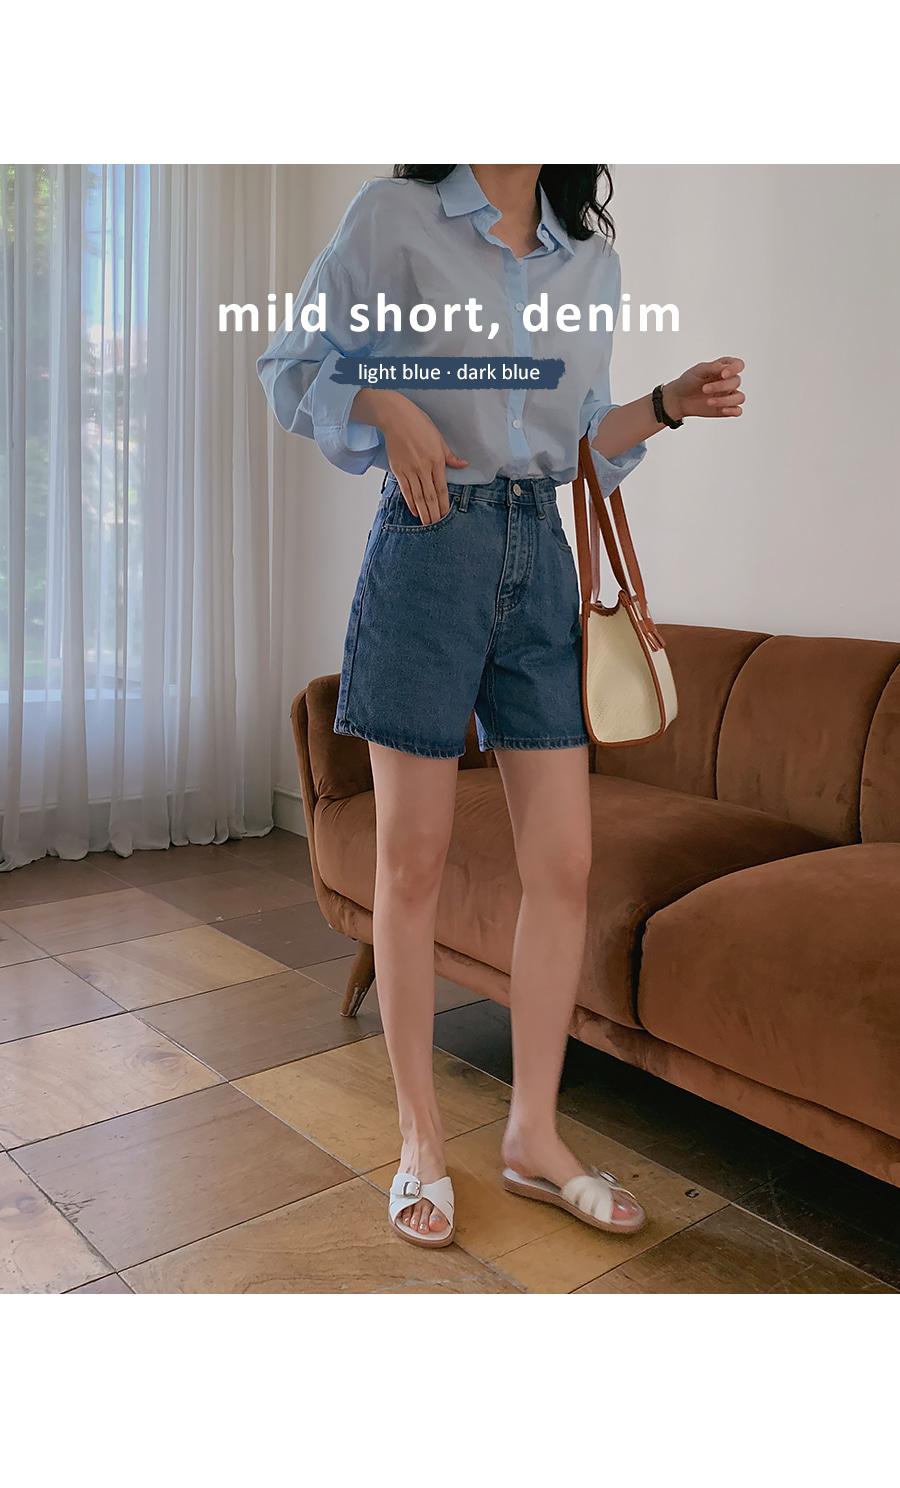 Mild short denim